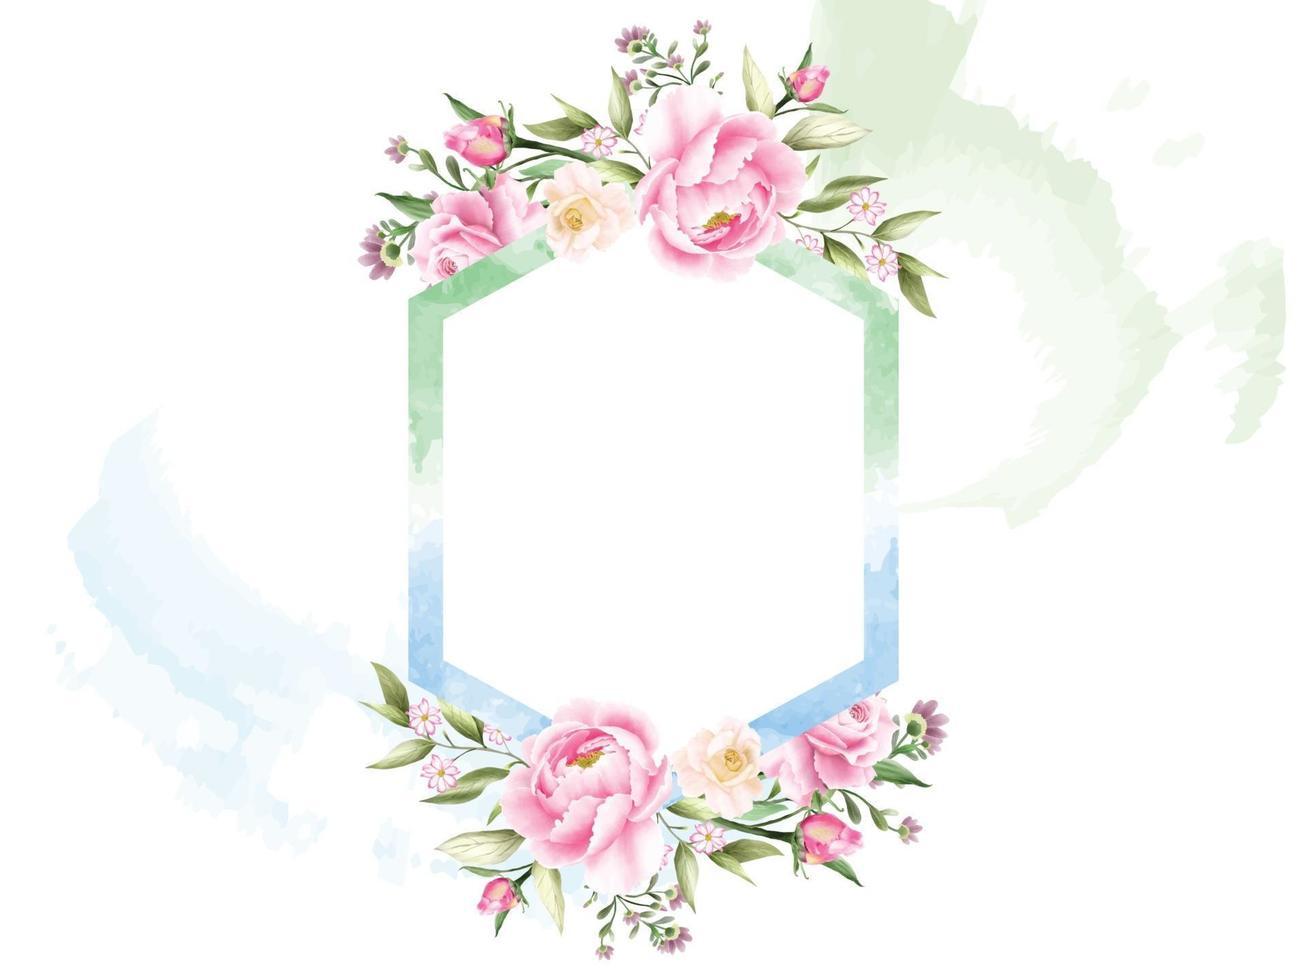 romantisk blommig akvarell bakgrund vektor